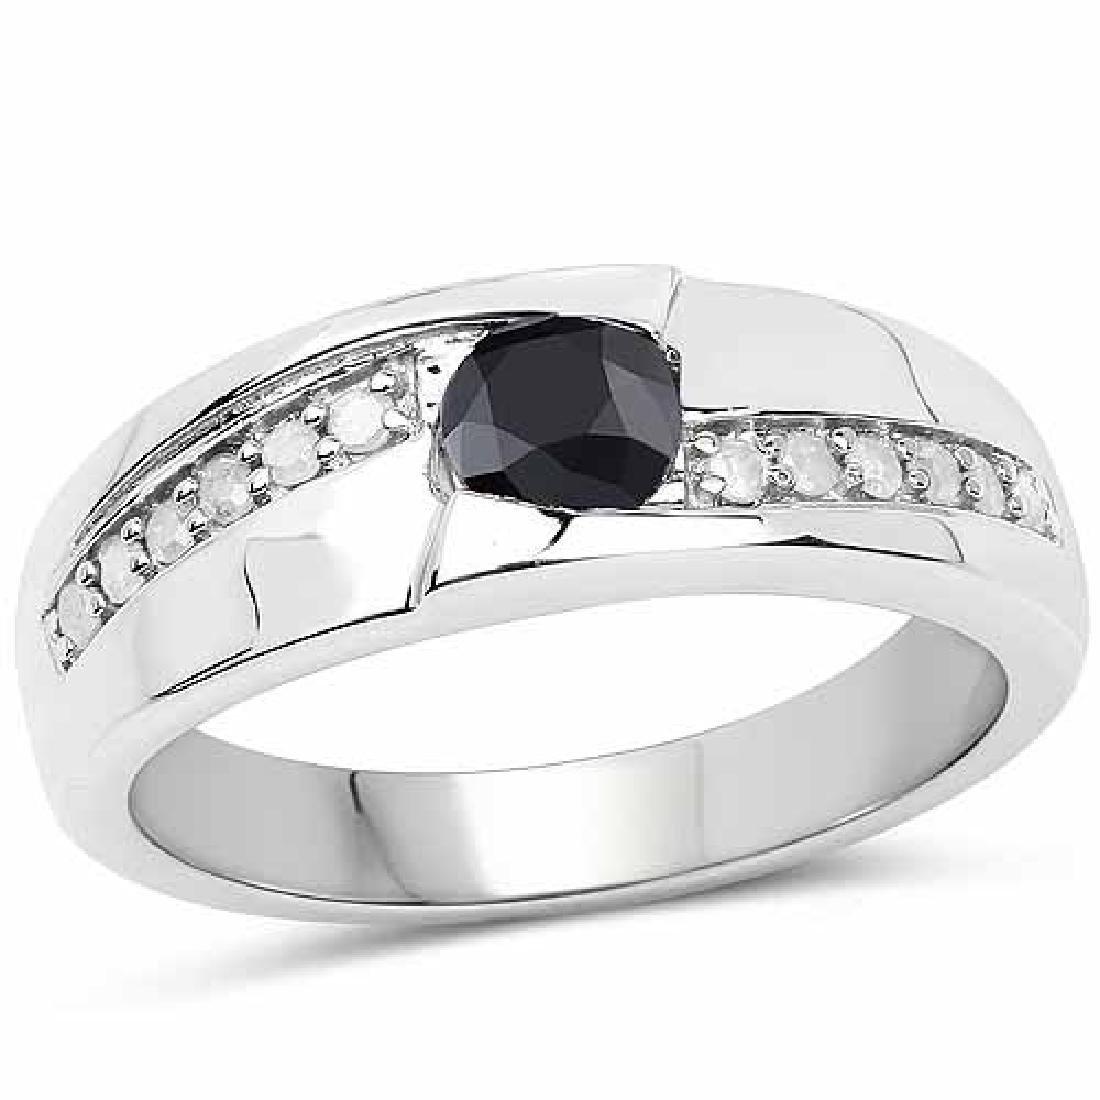 0.68 Carat Genuine Black Diamond and White Diamond .925